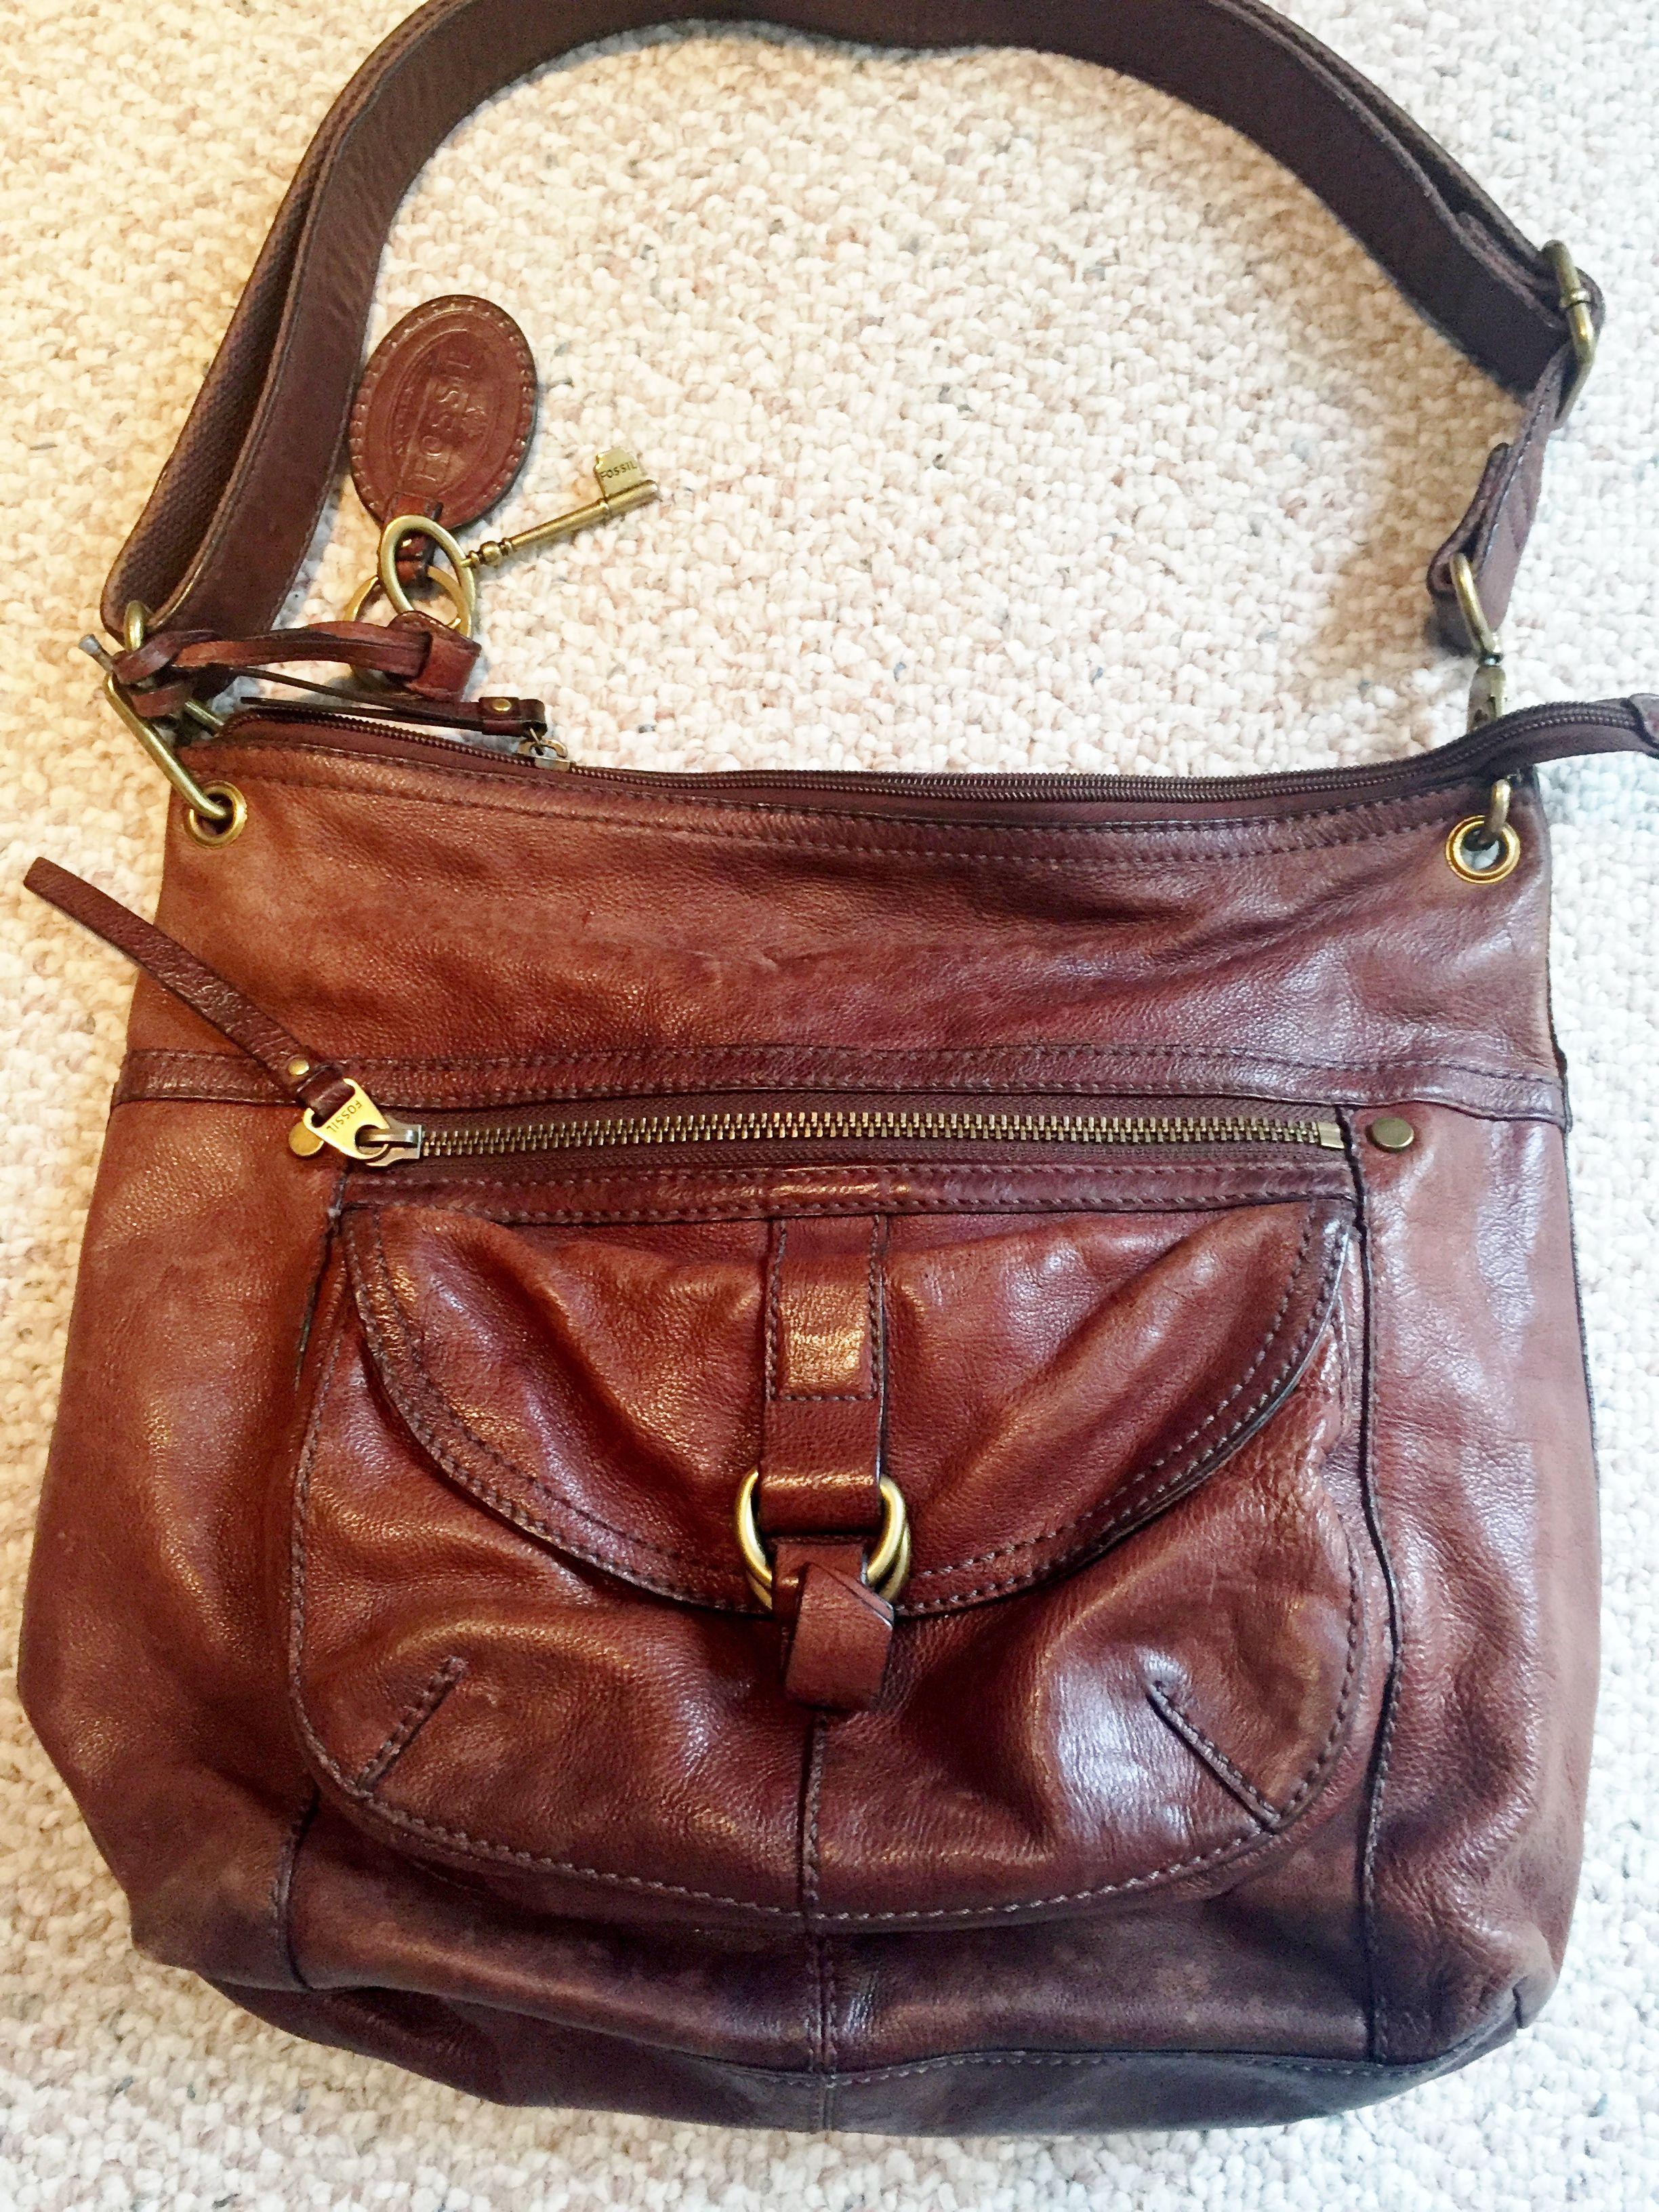 875fcdeb21a4 Vintage Fossil Shoulder Bag Saddle Brown Leather Super Rich Patina ...